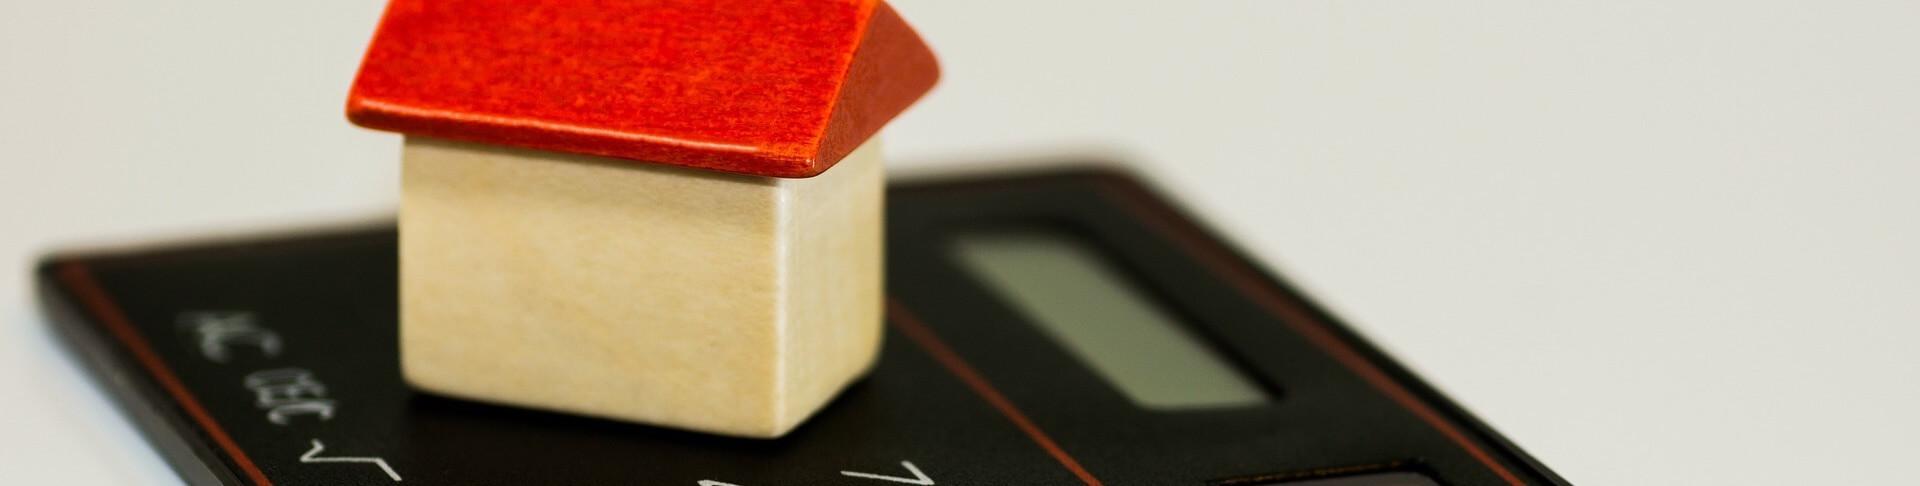 kleines Haus steht auf Taschenrechner